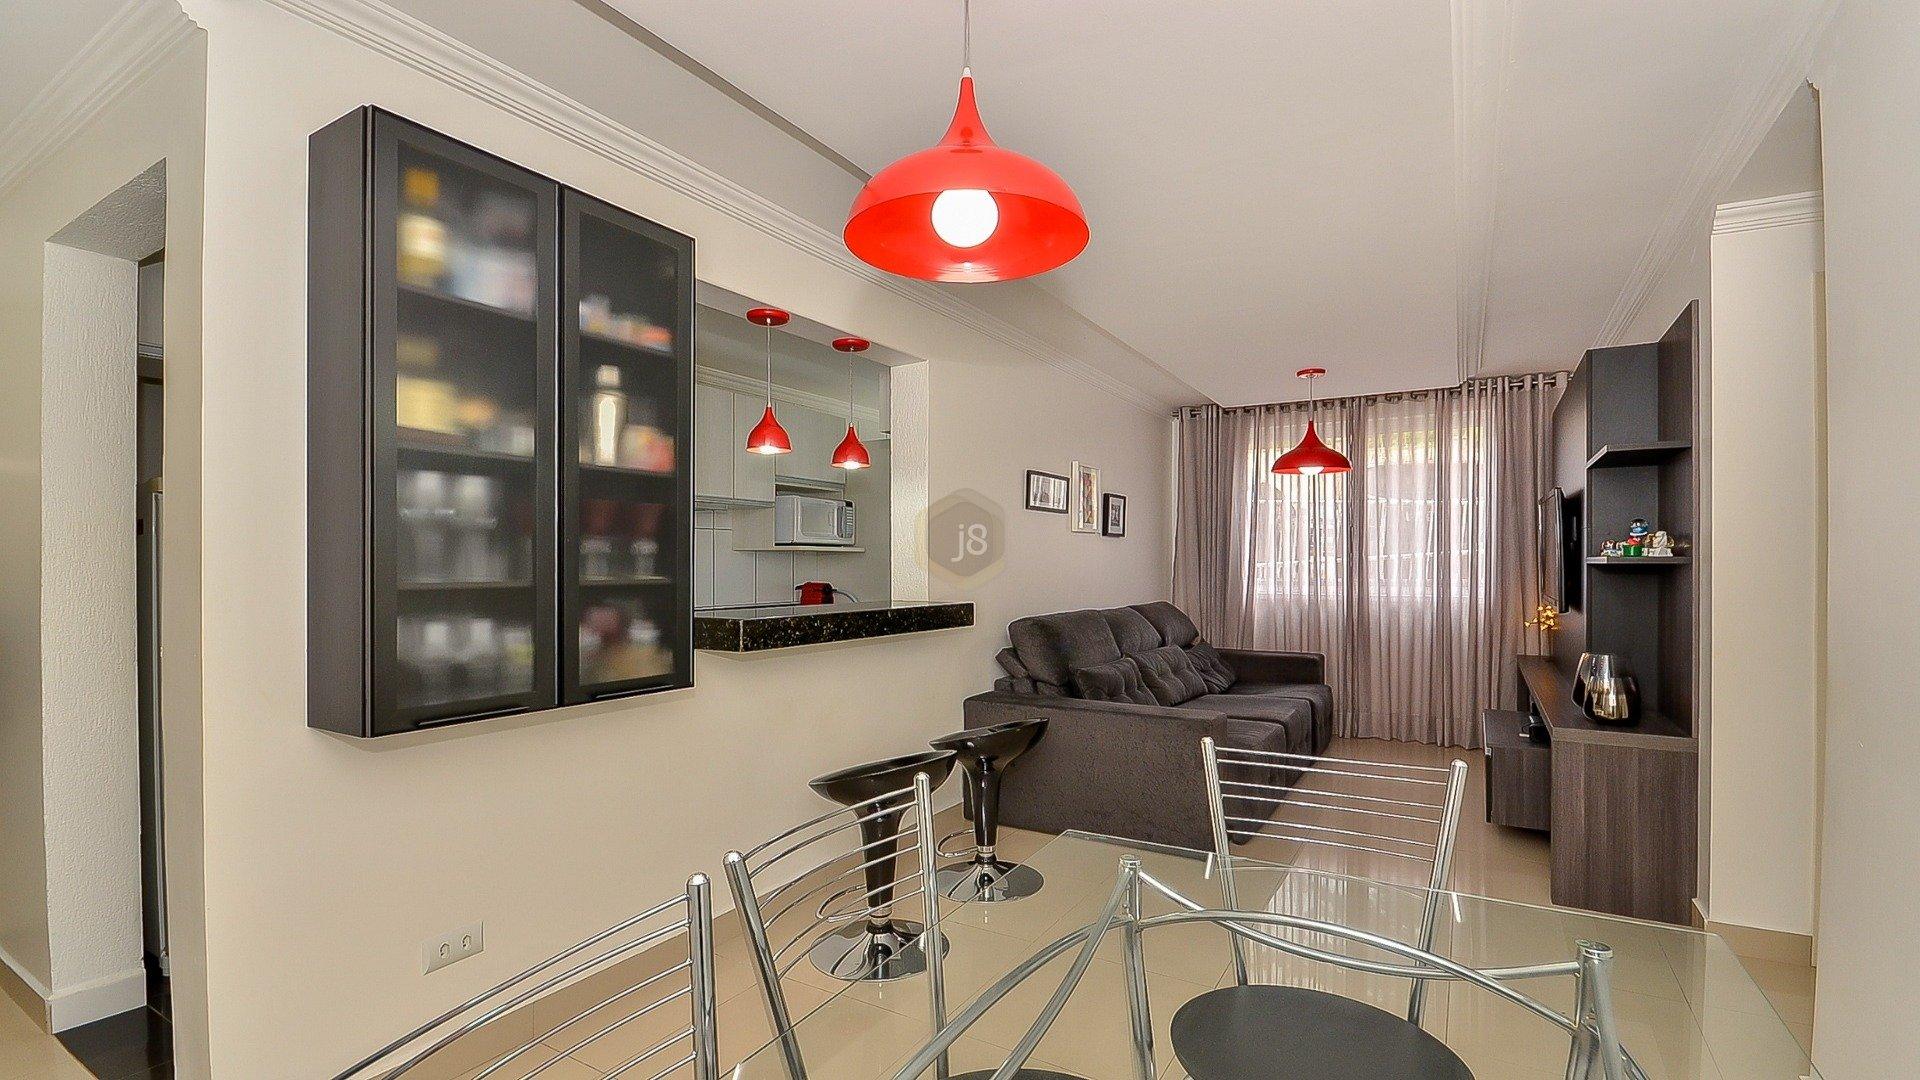 Foto de destaque Apartamento prático e funcional!